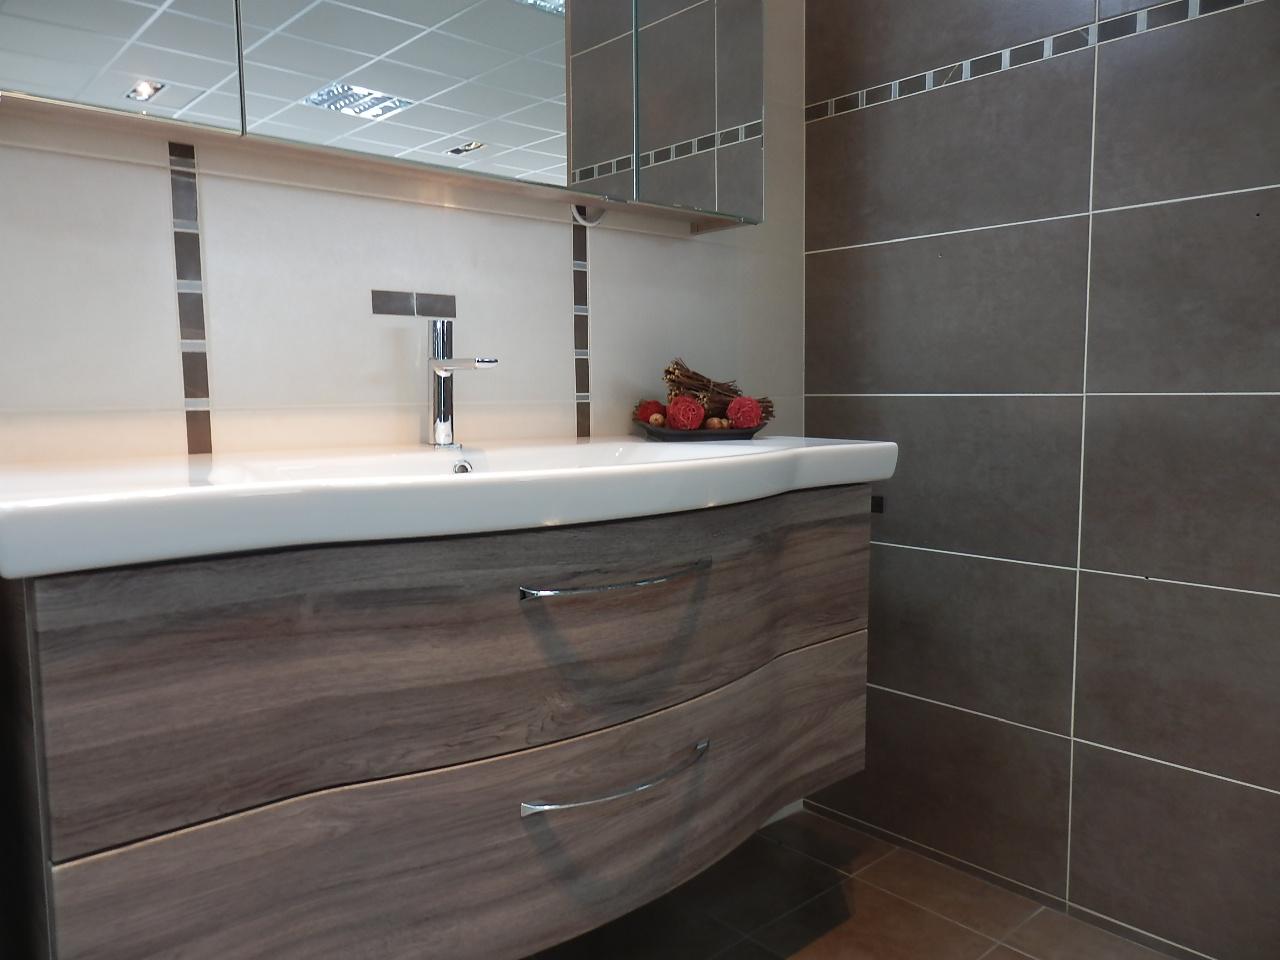 Carrelage salle de bain couleur creme